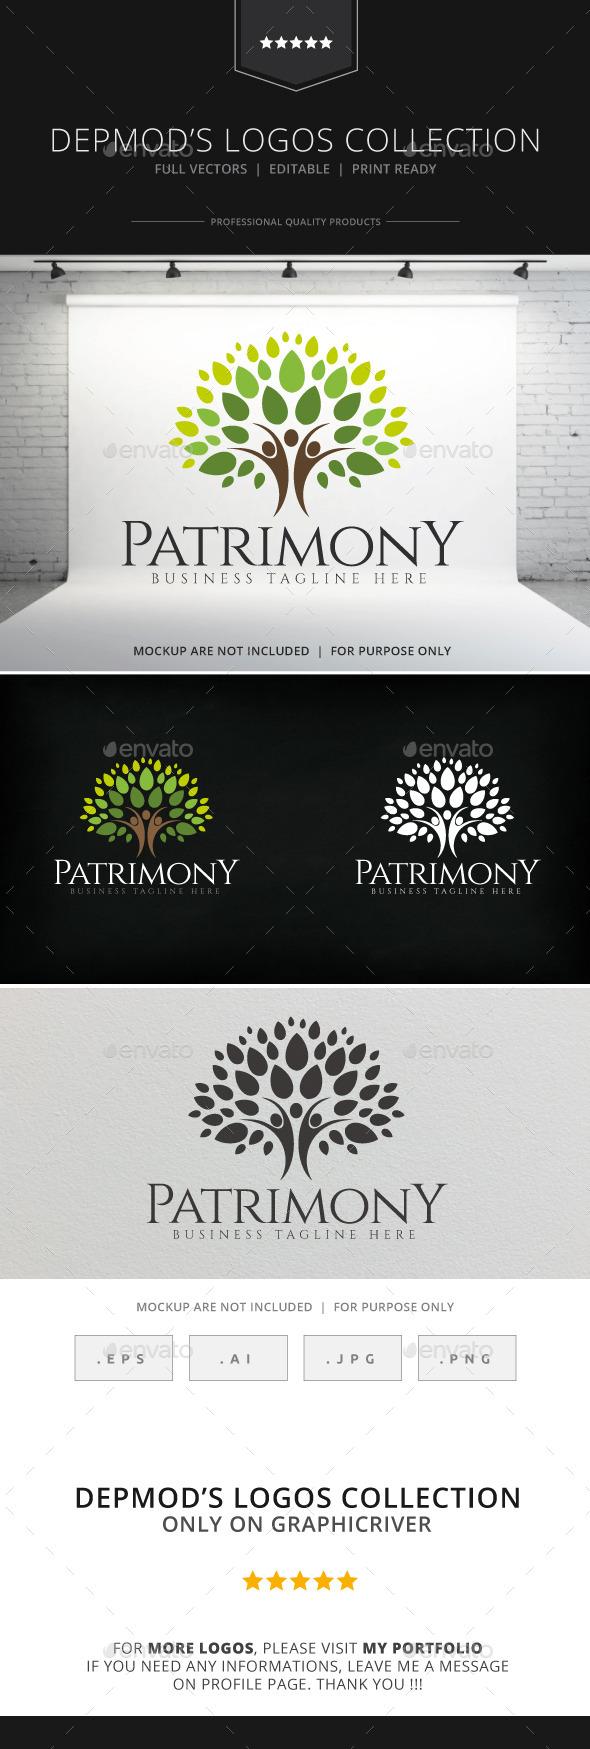 GraphicRiver Patrimony Logo 8932308